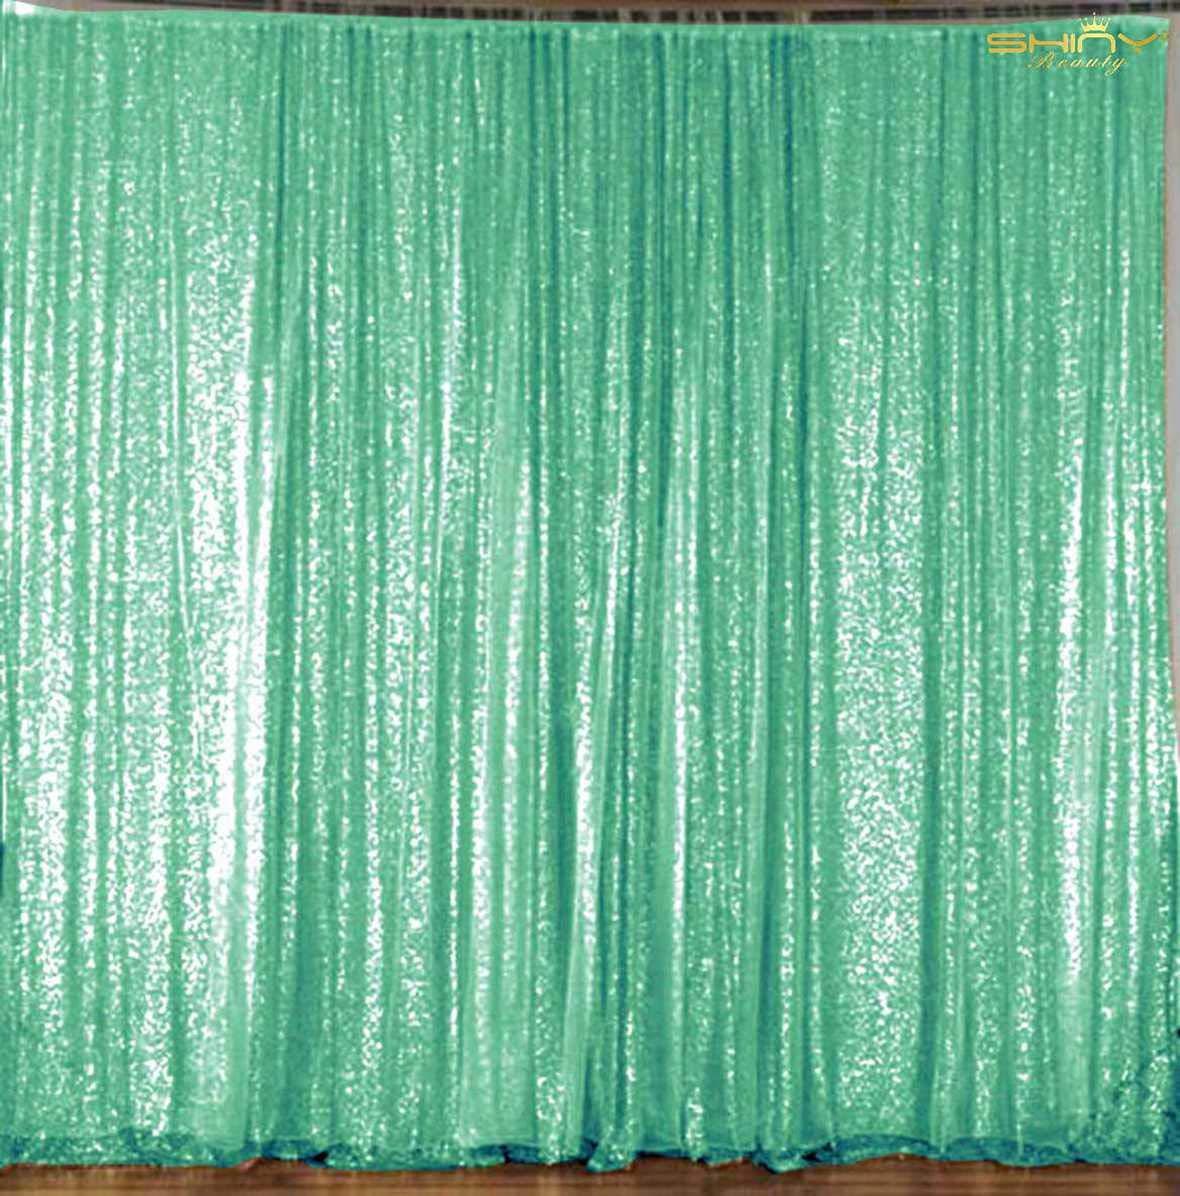 ShinyBeauty スパンコール背景カーテン 20フィートx10フィート スパンコール背景幕 ミント スパンコール 写真背景 ライトグリーン キラキラ 写真背景幕 Y1121 B07KQX2G65